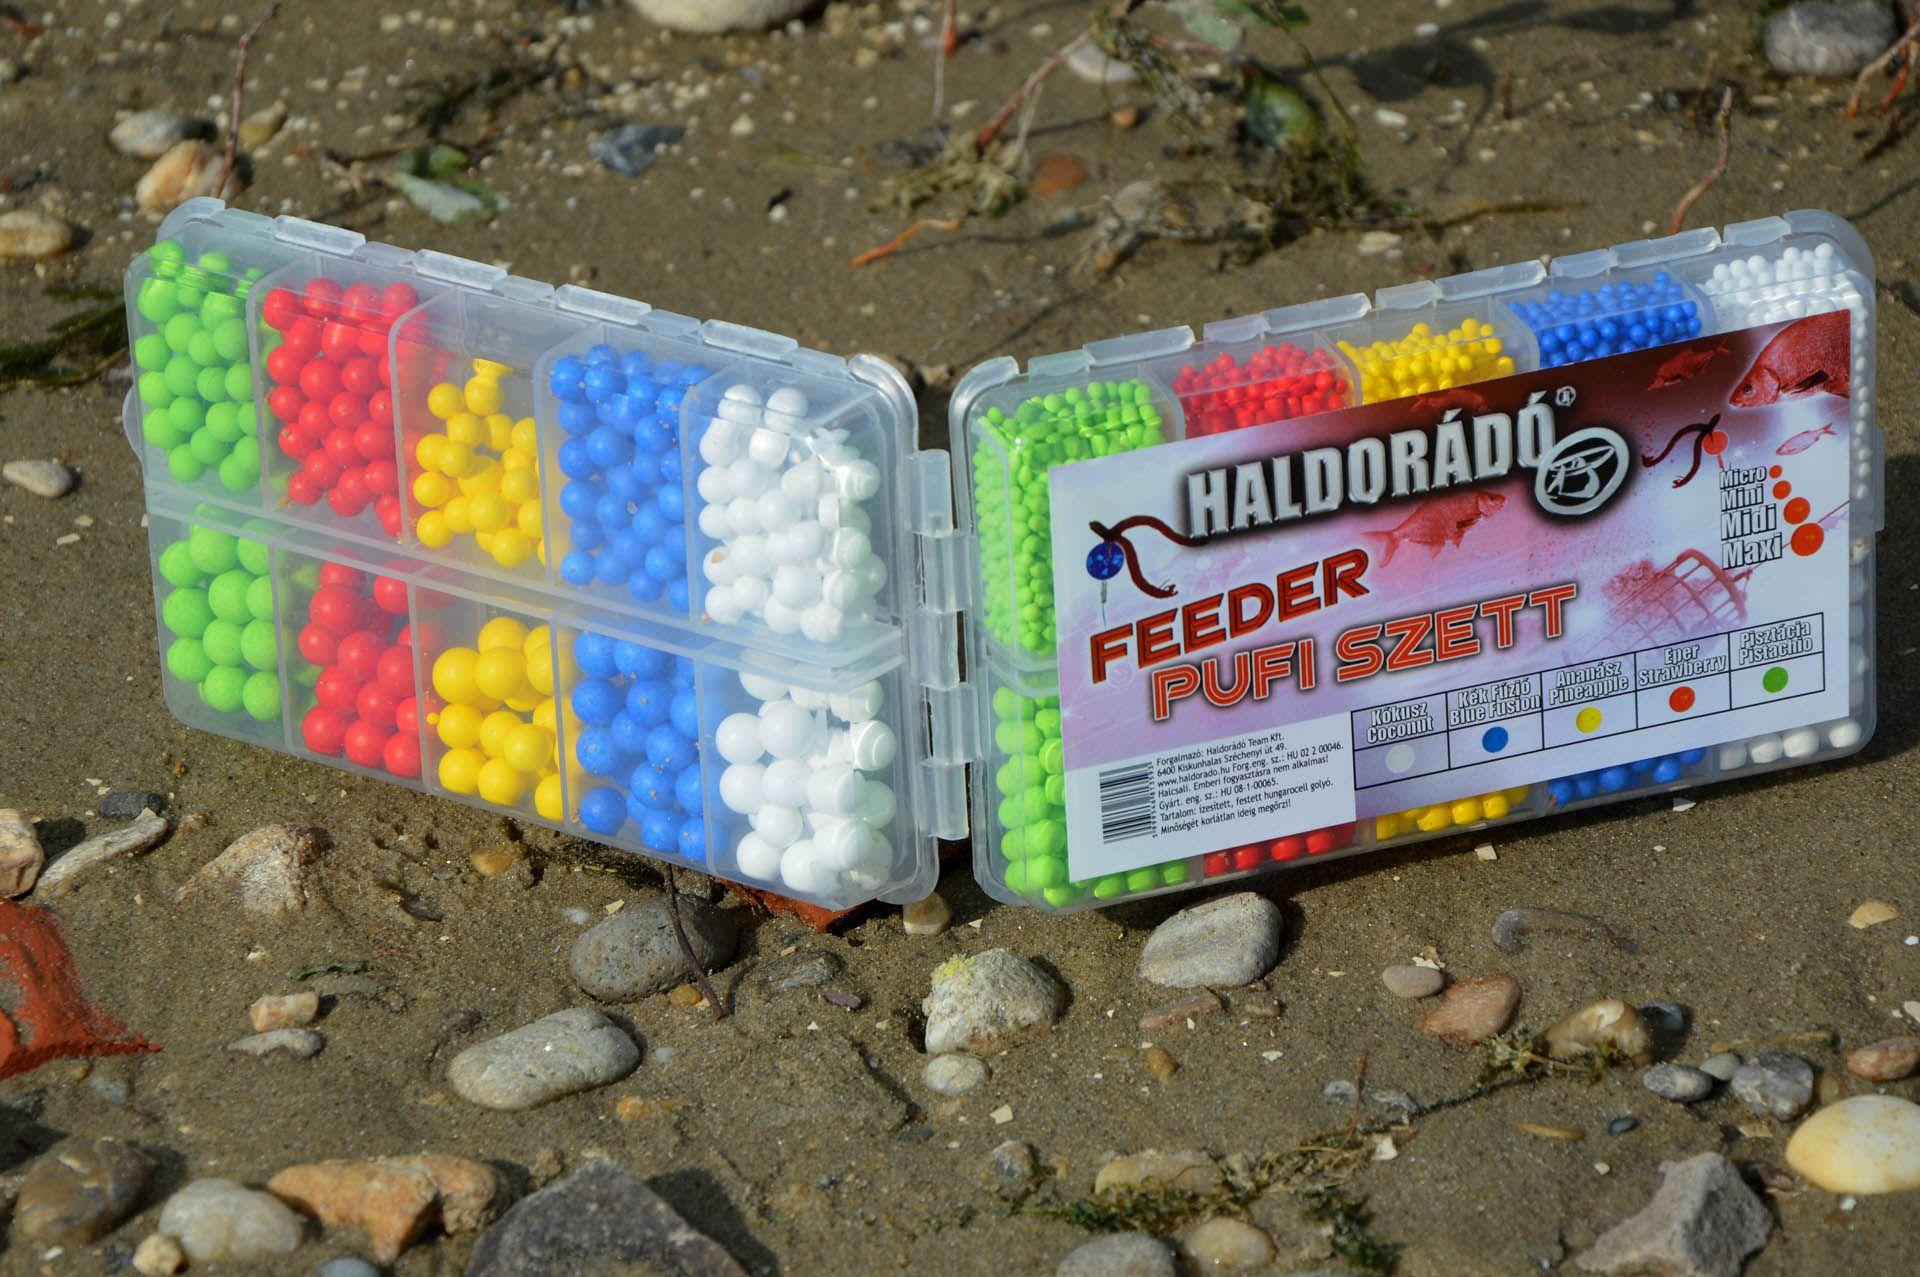 A Feeder Pufi szettben 5 különböző ízű hungarocell golyócska van, 4 méretben